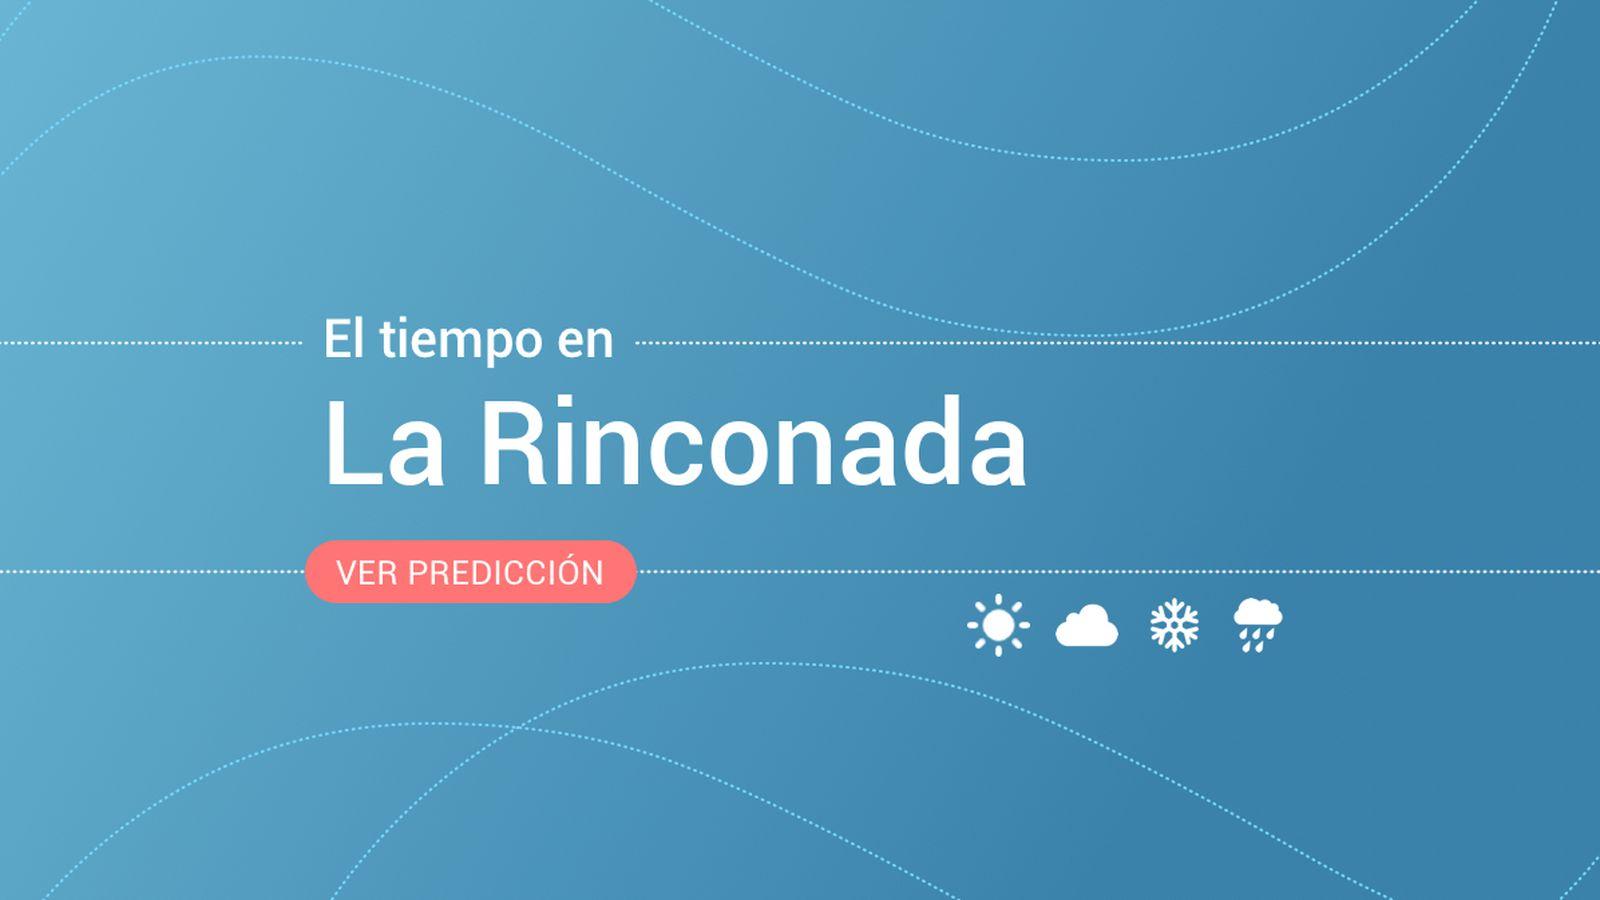 Foto: El tiempo en La Rinconada. (EC)